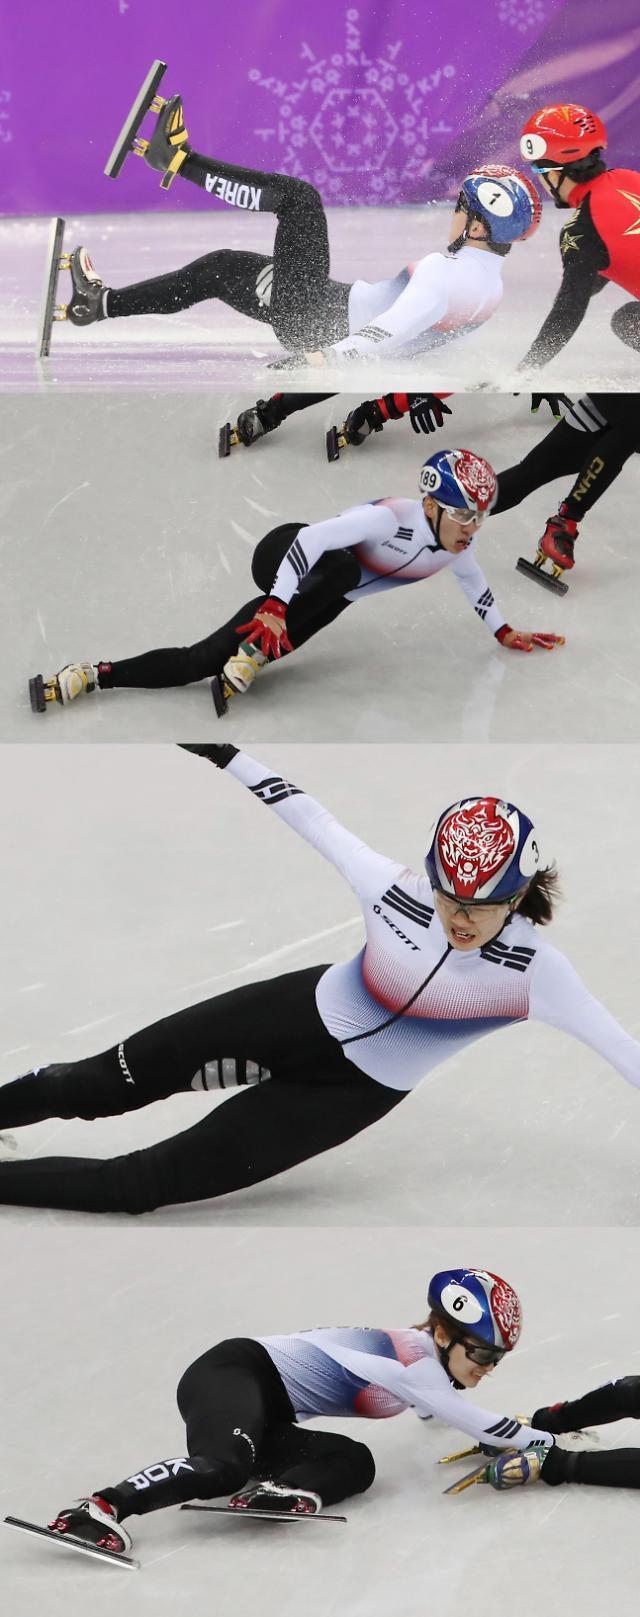 韩国短道速滑今日出师不利 冬奥赛场上演各种摔